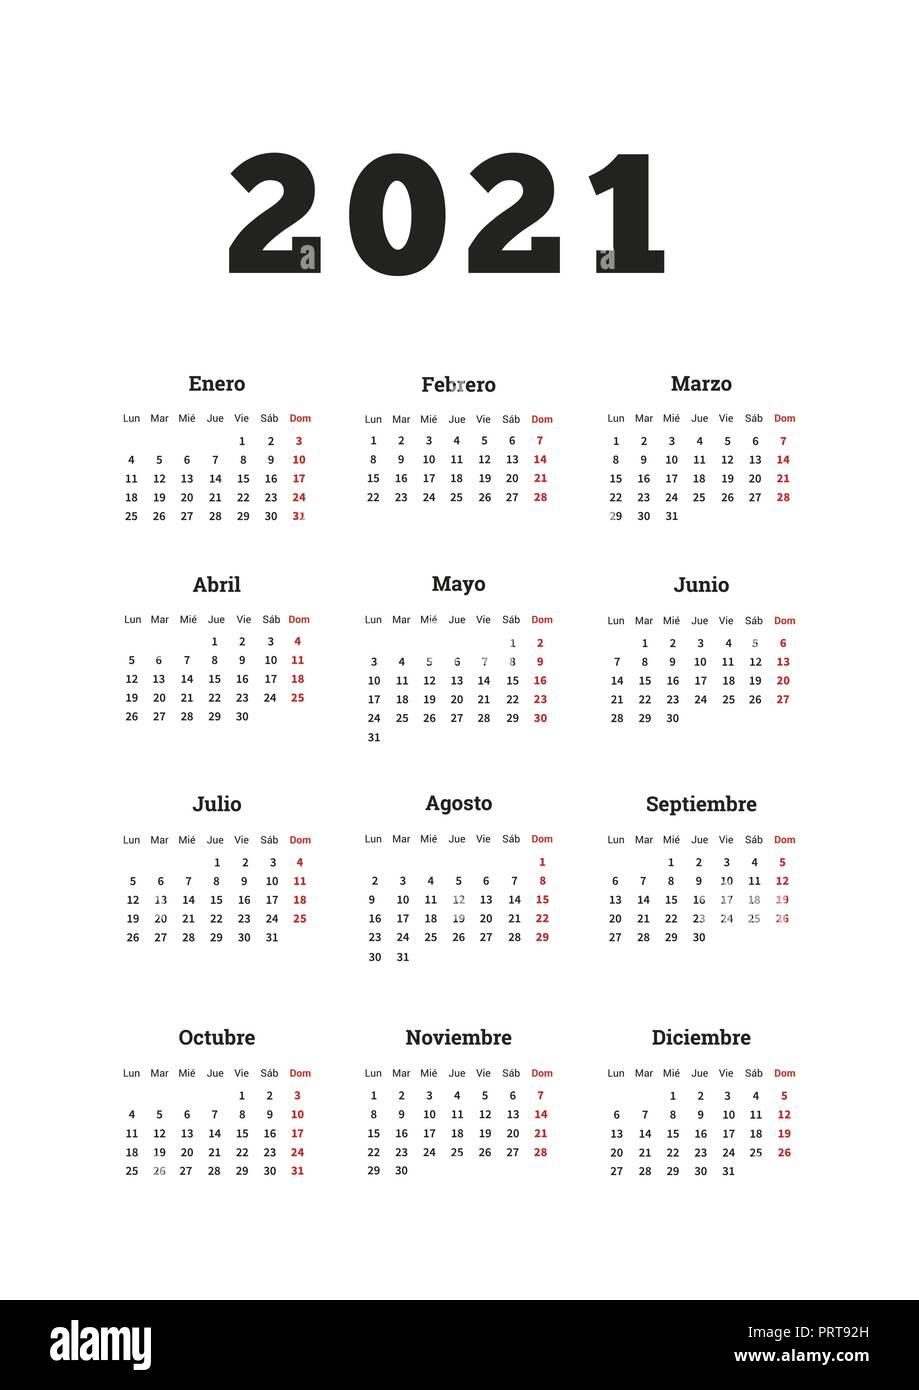 Calendrier Espagnol 2021 L'année 2021 calendrier simple en espagnol, format A4 feuille